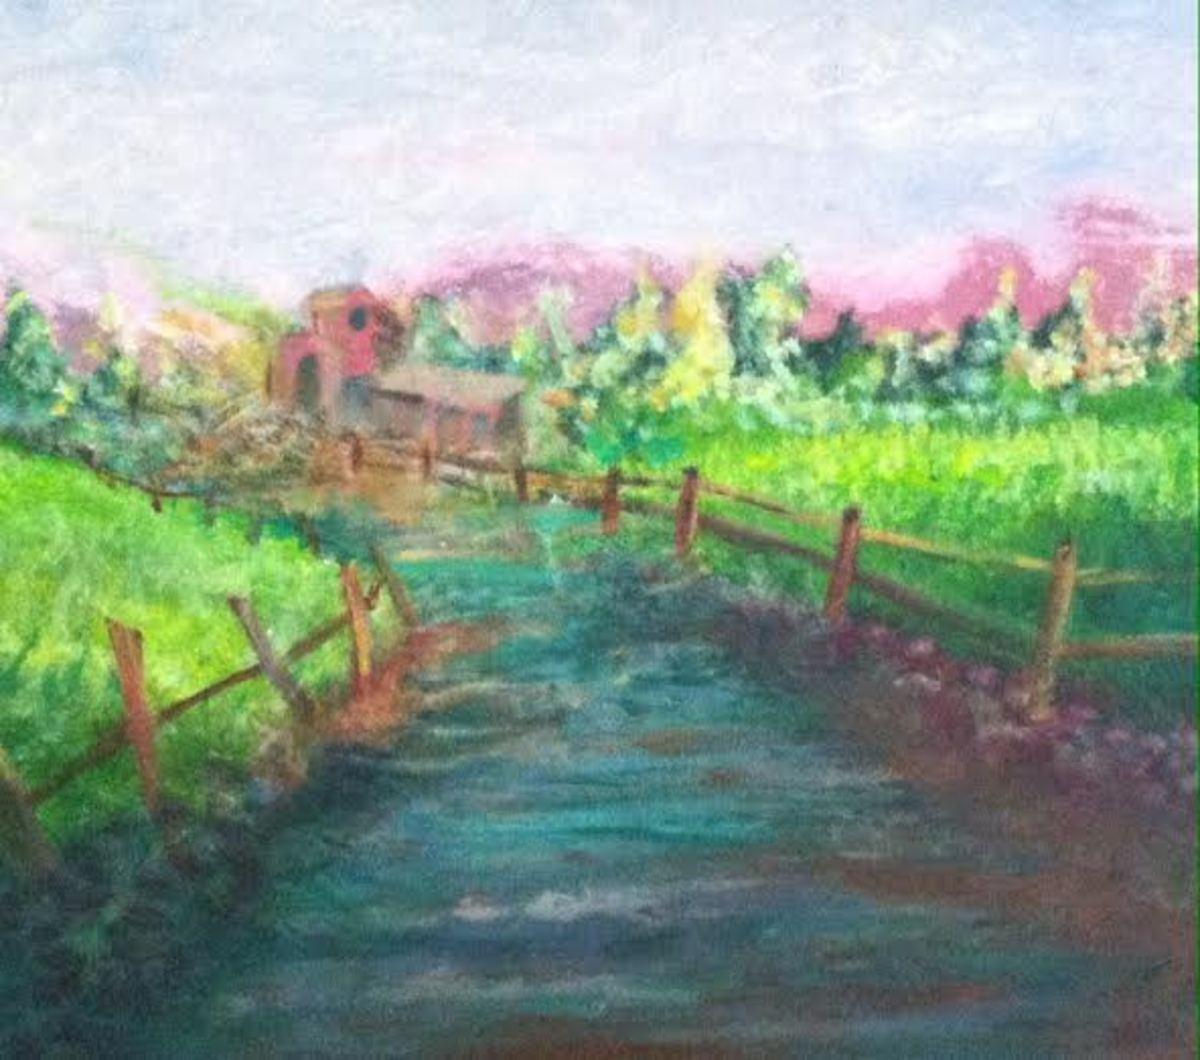 Winding waterway